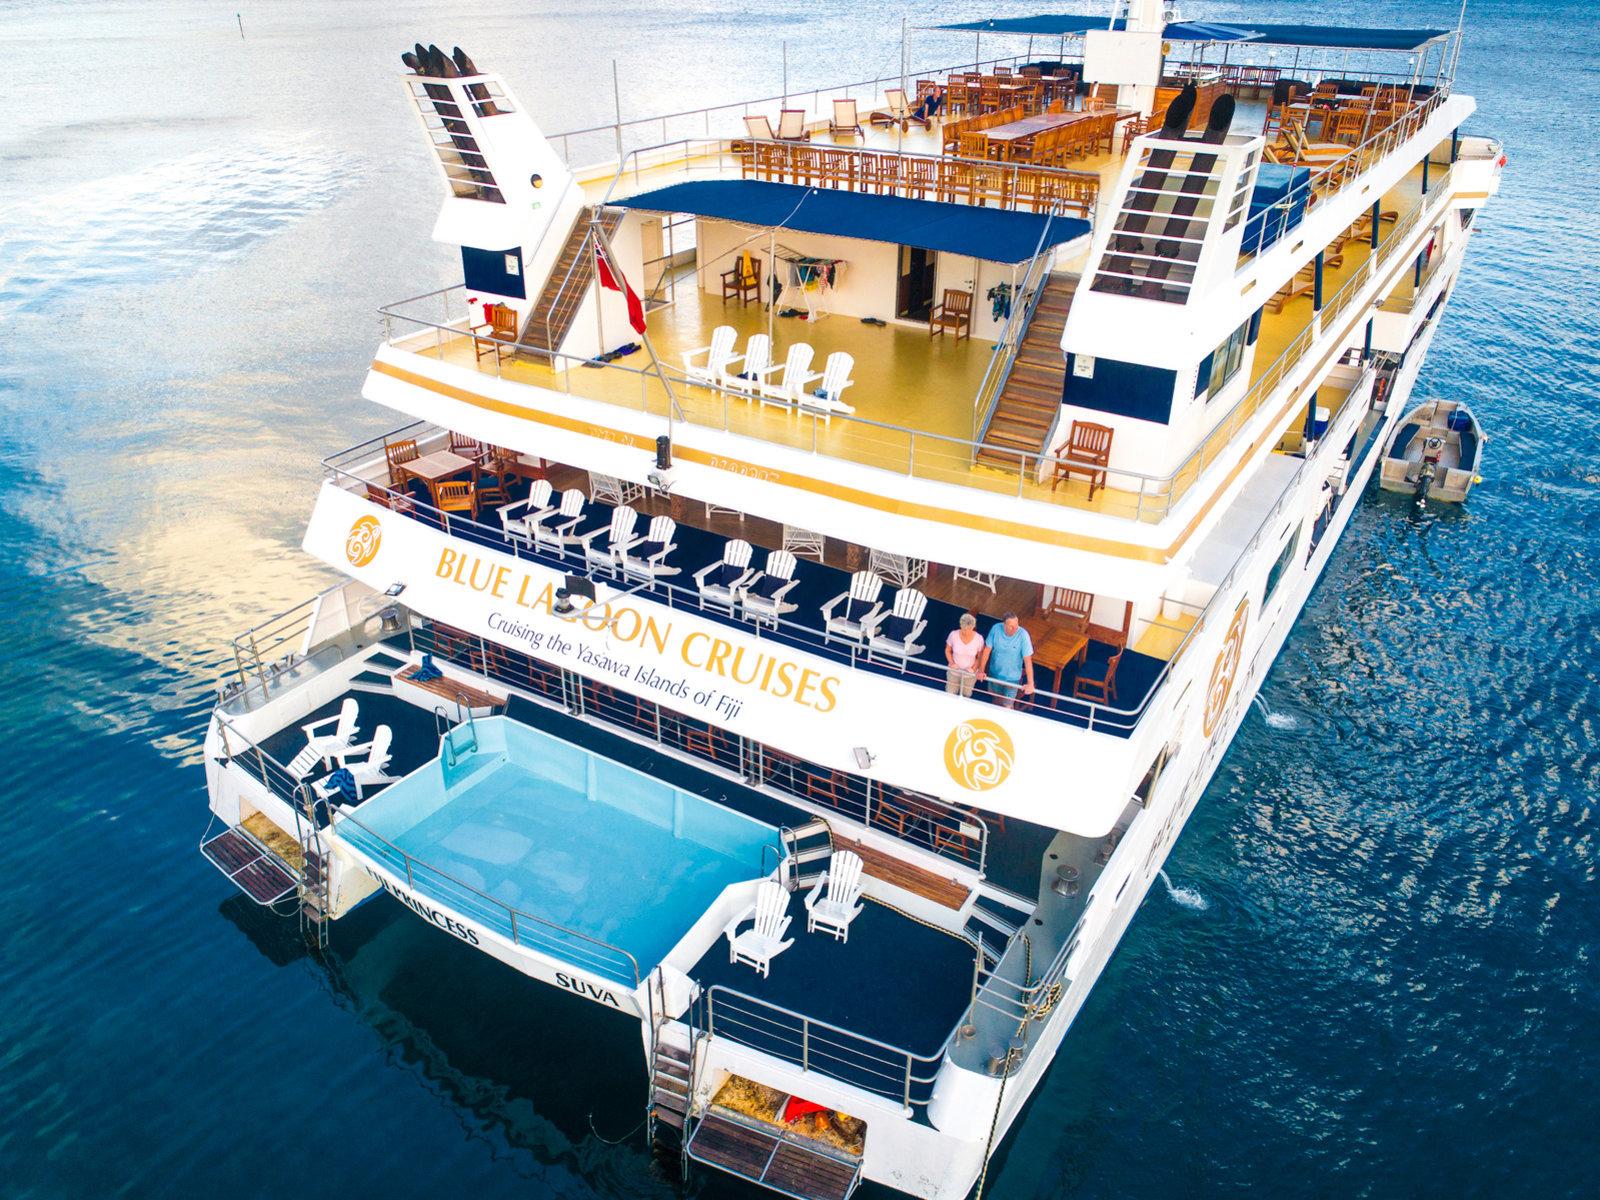 Rückseite des Schiffes mit Pool